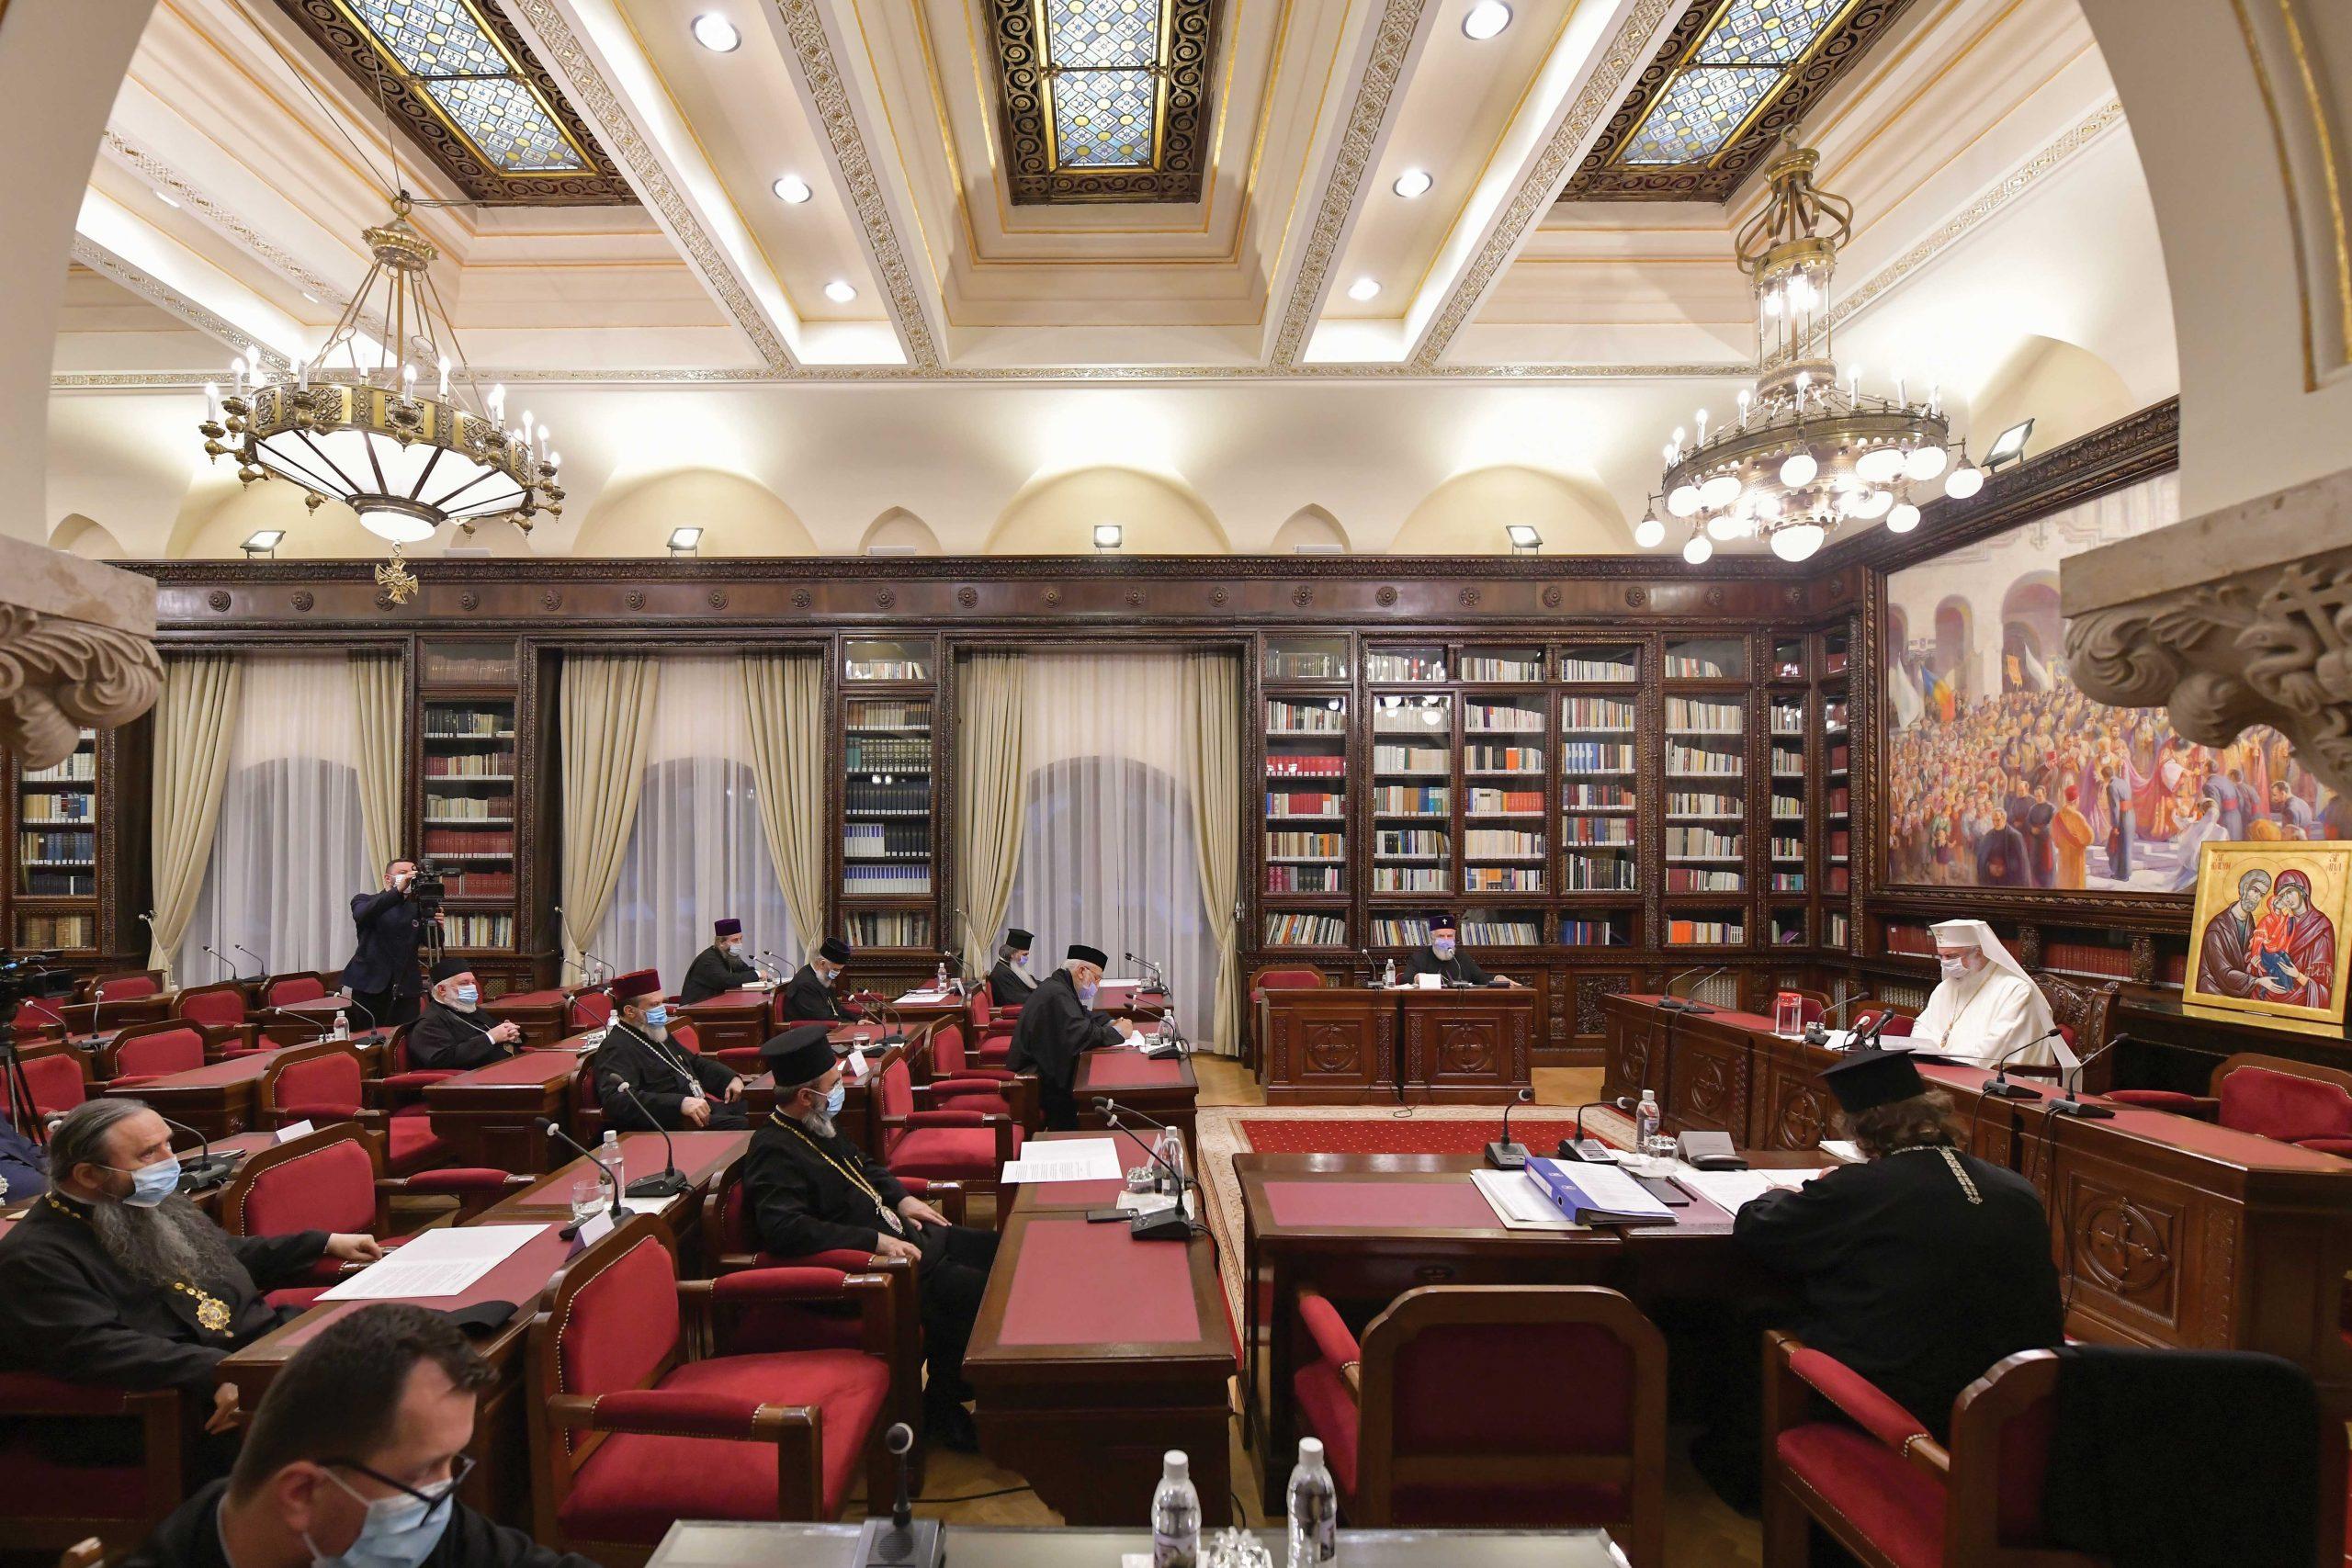 Întrunirea Sinodului Mitropoliei Munteniei  și Dobrogei la Reședința Patriarhală